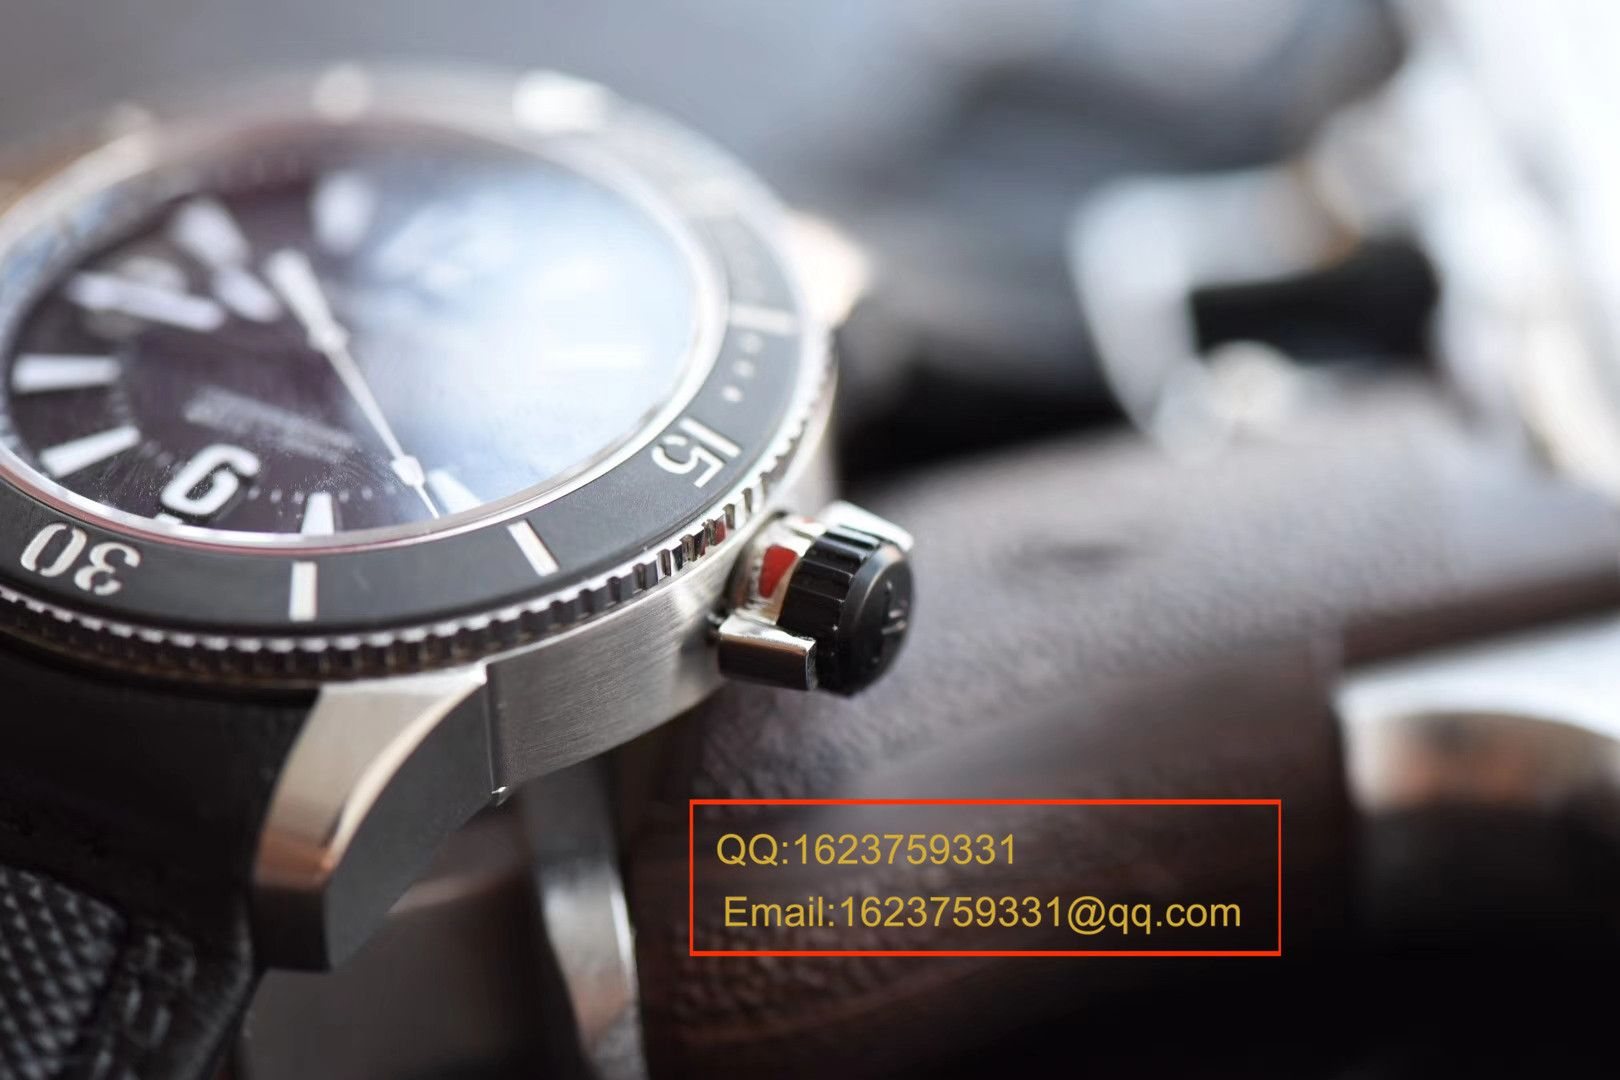 【独家视频测评N厂一比一超A高仿手表】复刻神器积家极限大师系列 Q2018770 腕表 / JJBF030